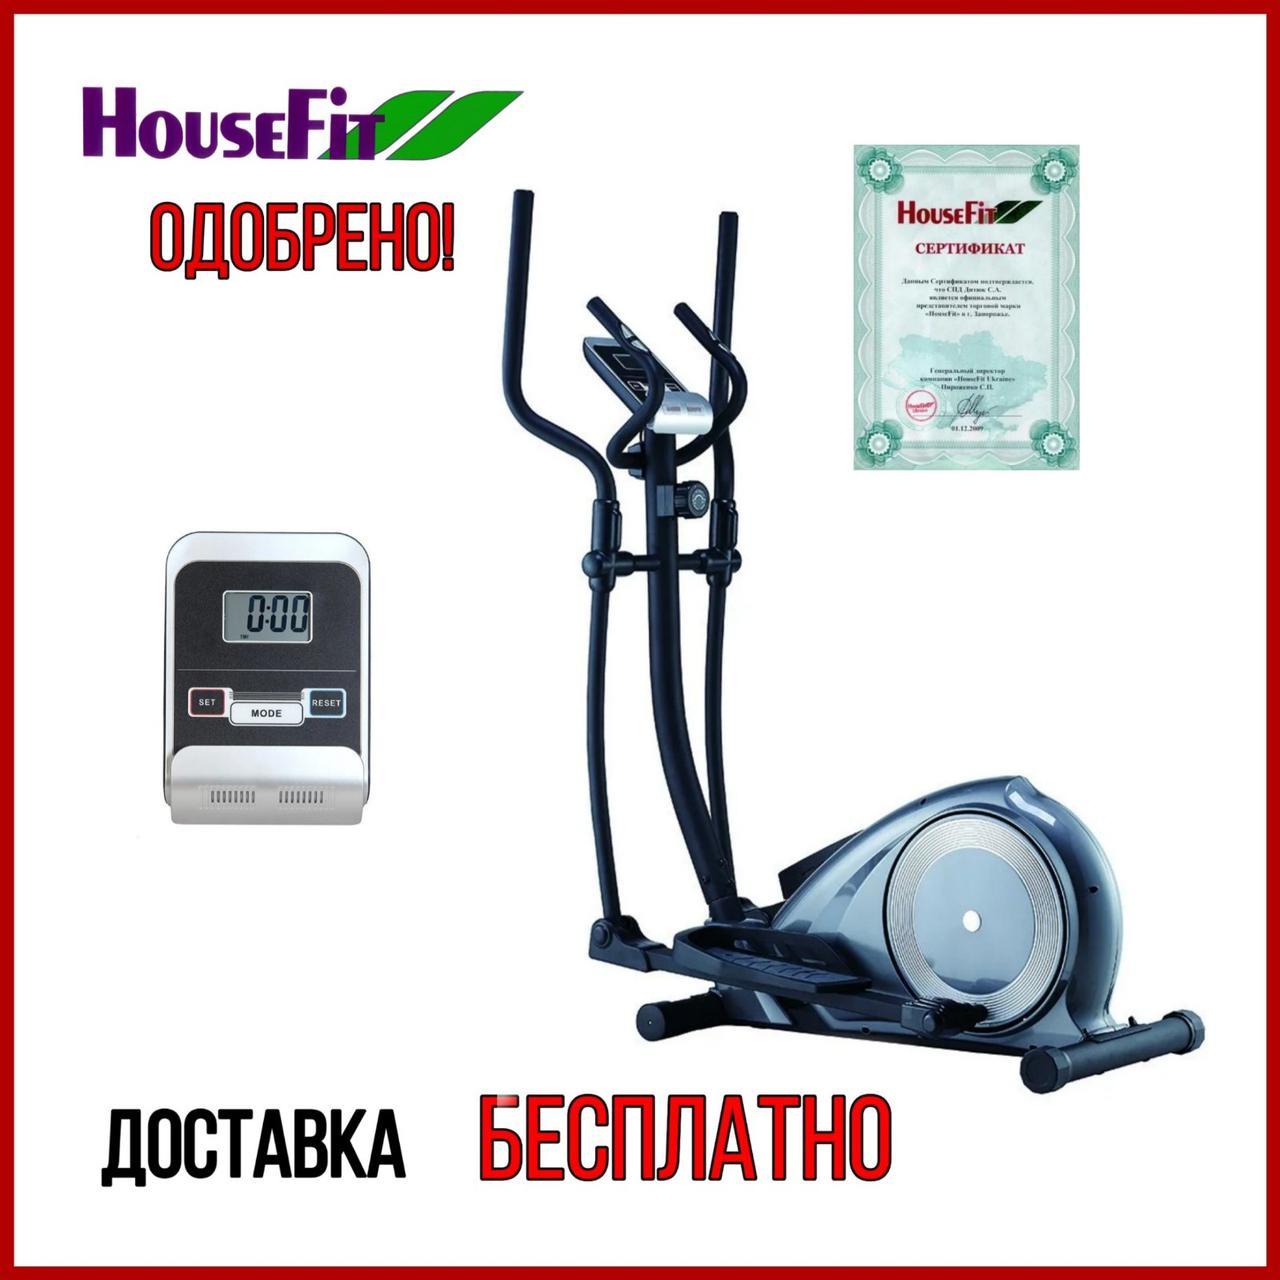 Орбитрек для похудения эллипсоид магнитный компактныйдля дома Хаусфит HouseFit HB 8310EL